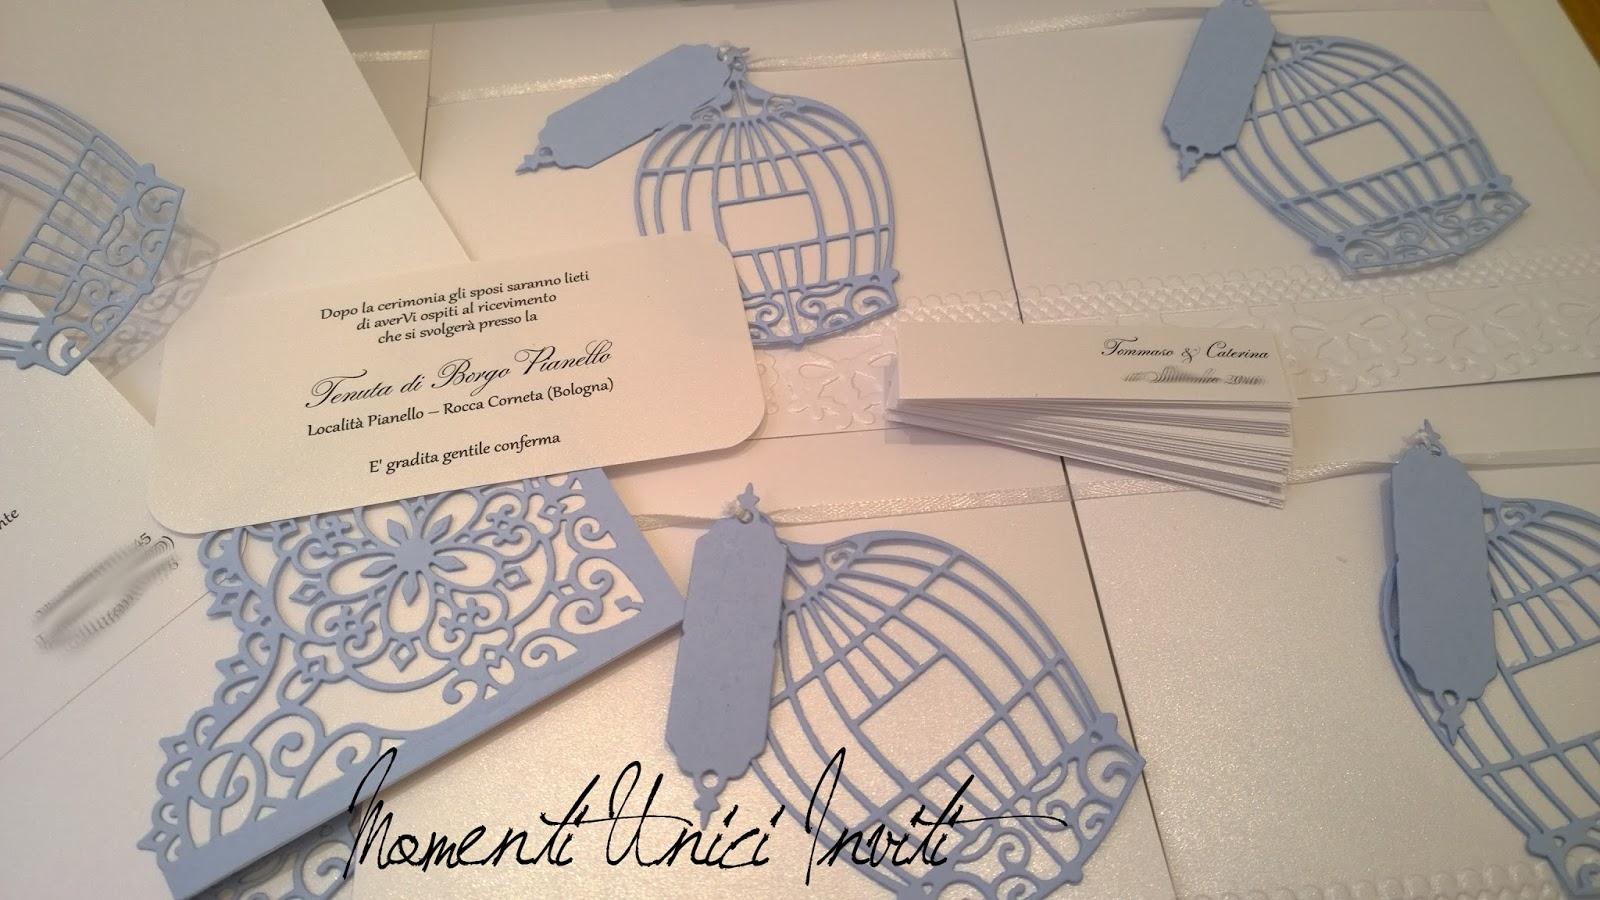 Partecipazioni Matrimonio Azzurro : Le partecipazioni nei toni dell azzurro polvere e bianco ottico di